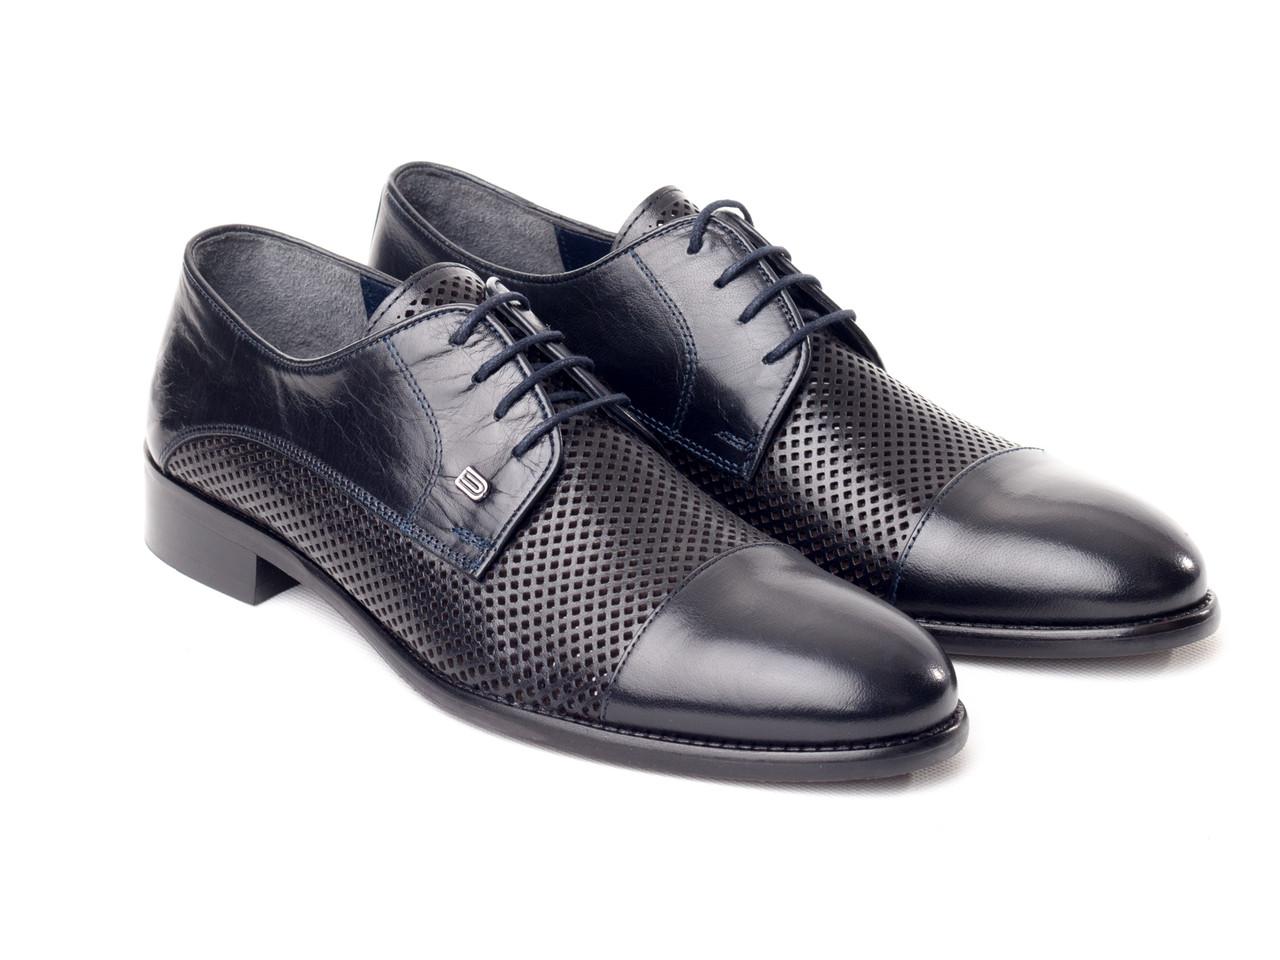 Туфли Etor 14895-10923-295 синие